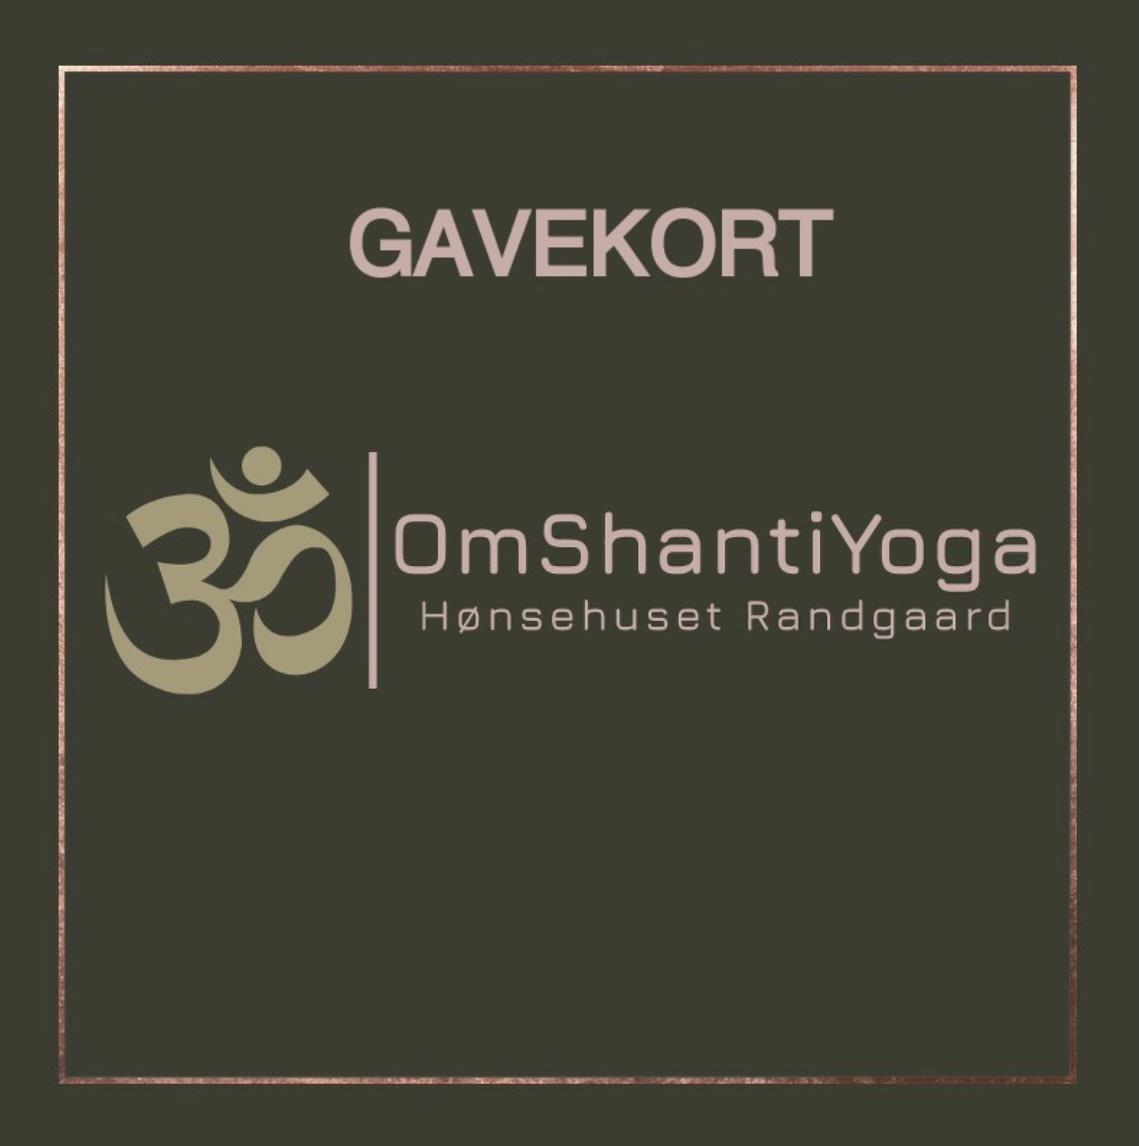 Gavekort OmShantiYoga